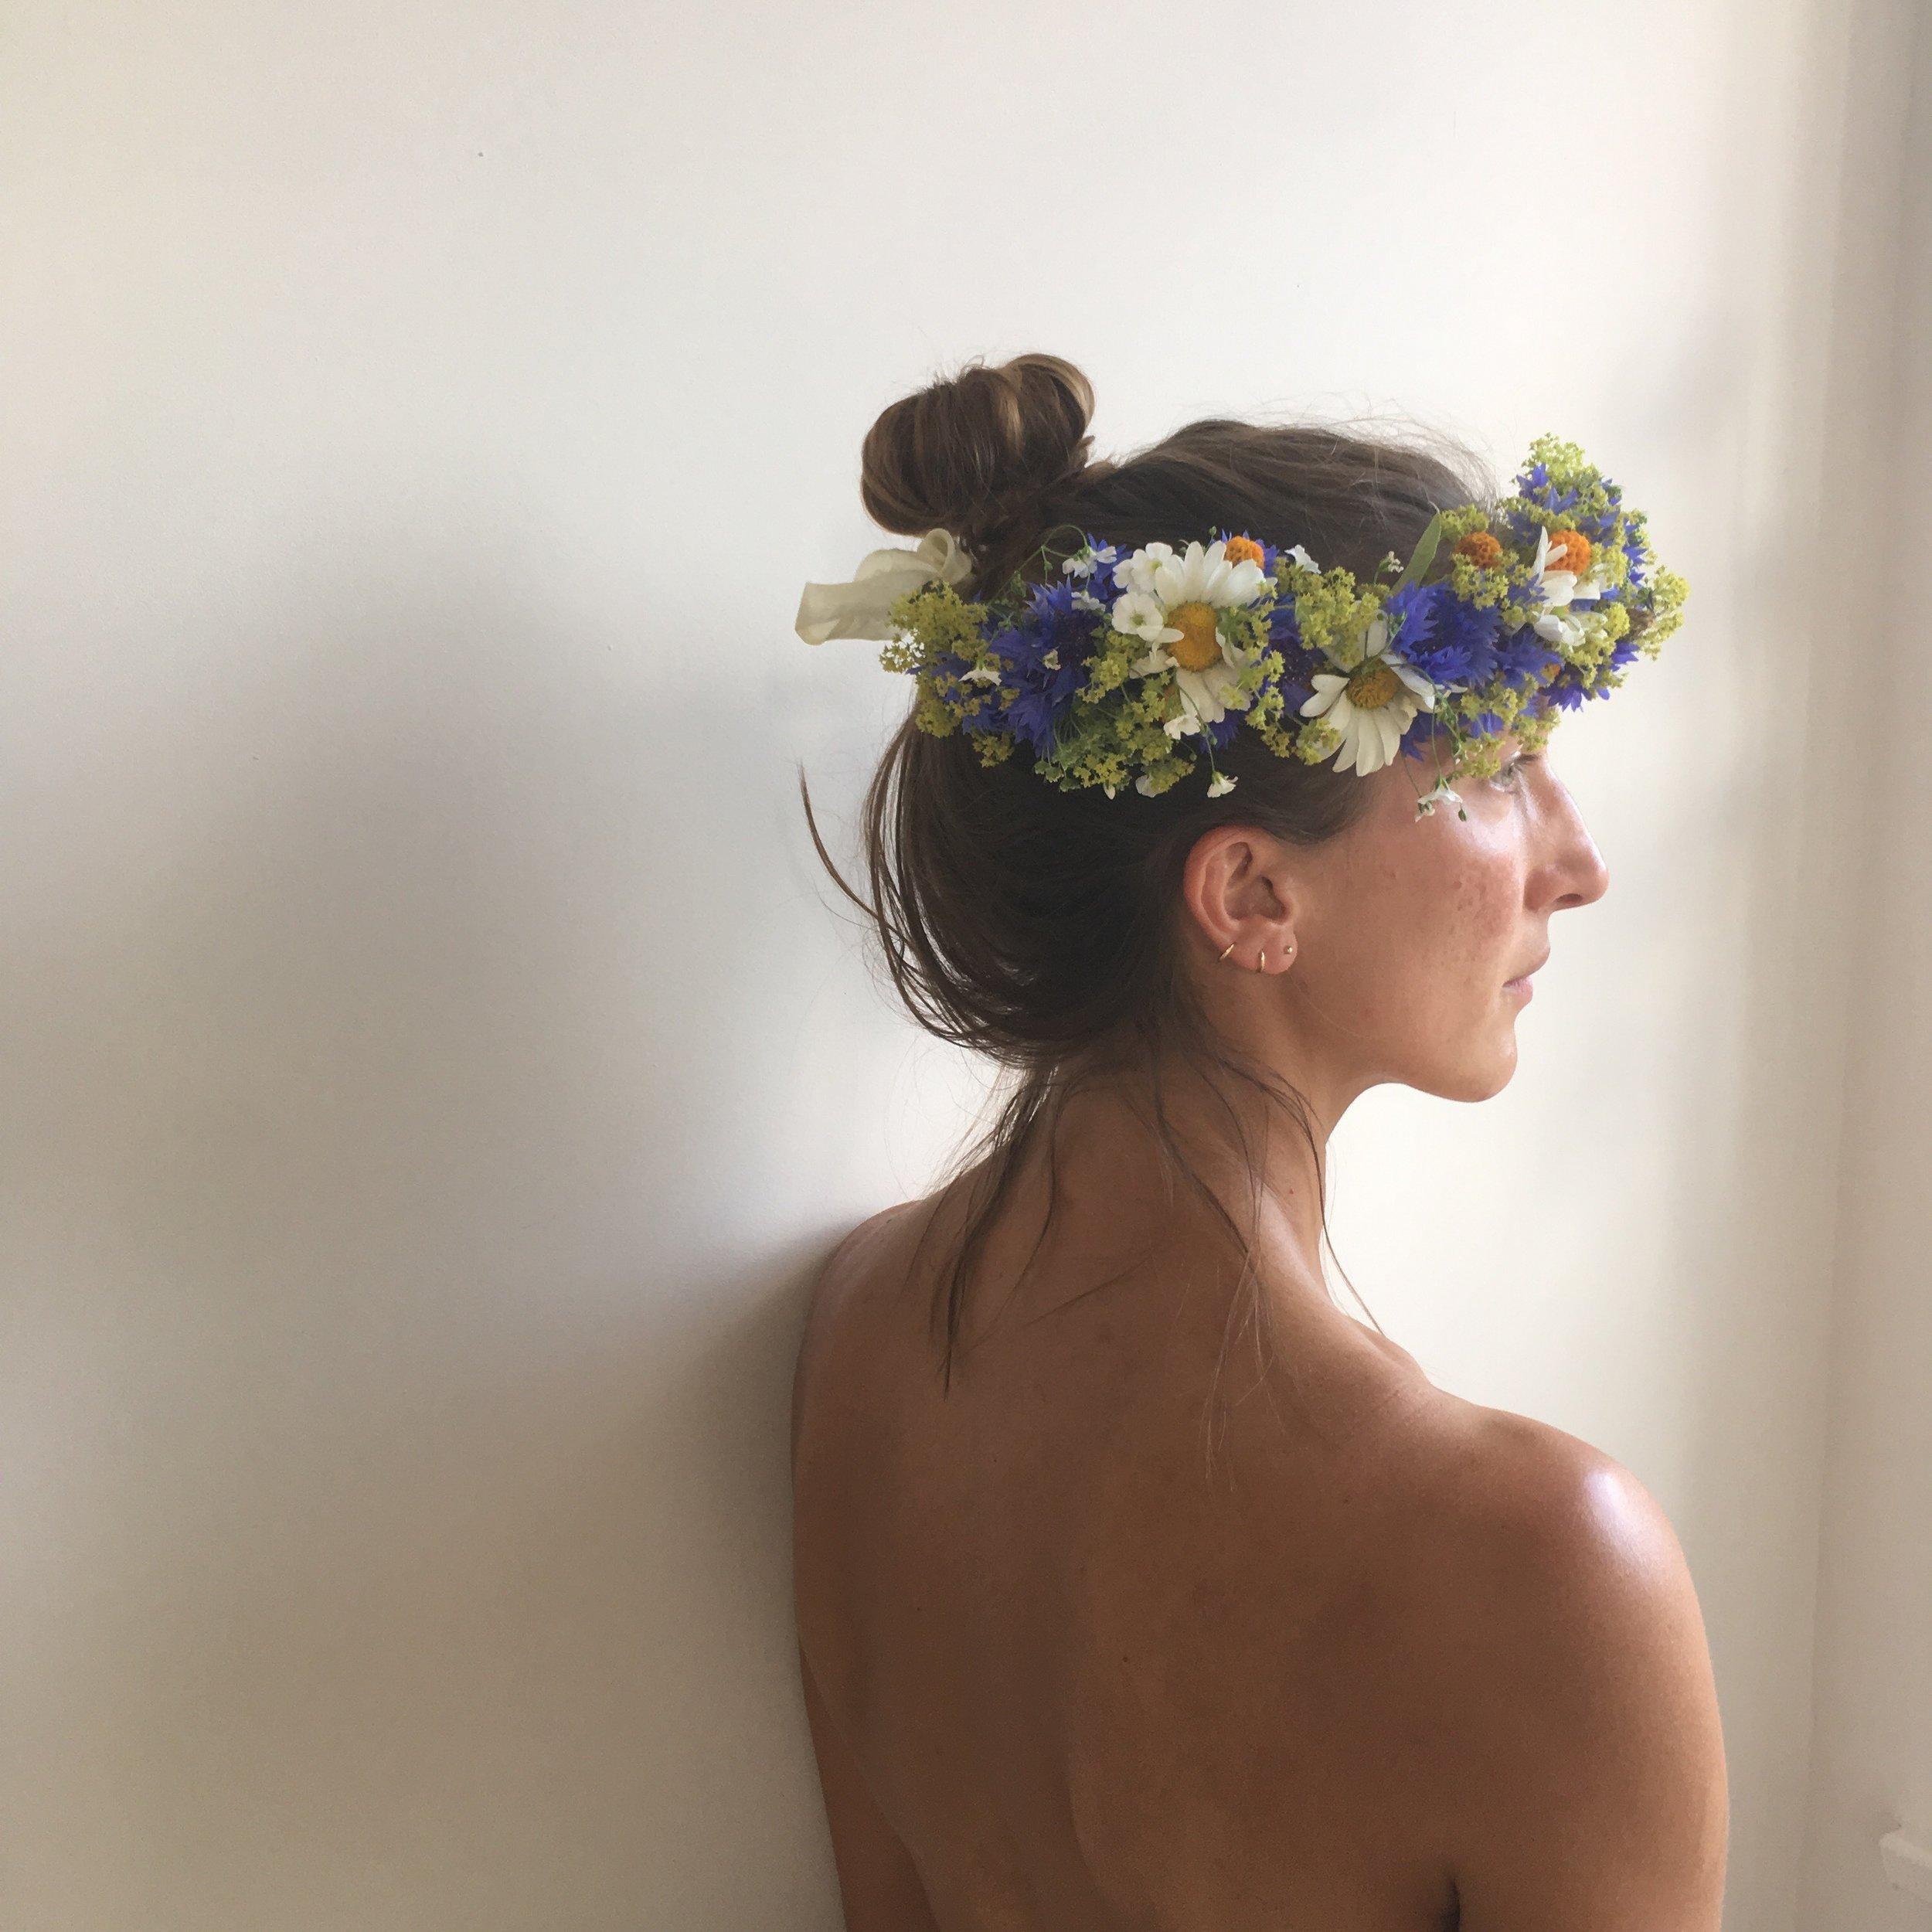 Diy mid summer flower crown botanical tales diy mid summer flower crown izmirmasajfo Images